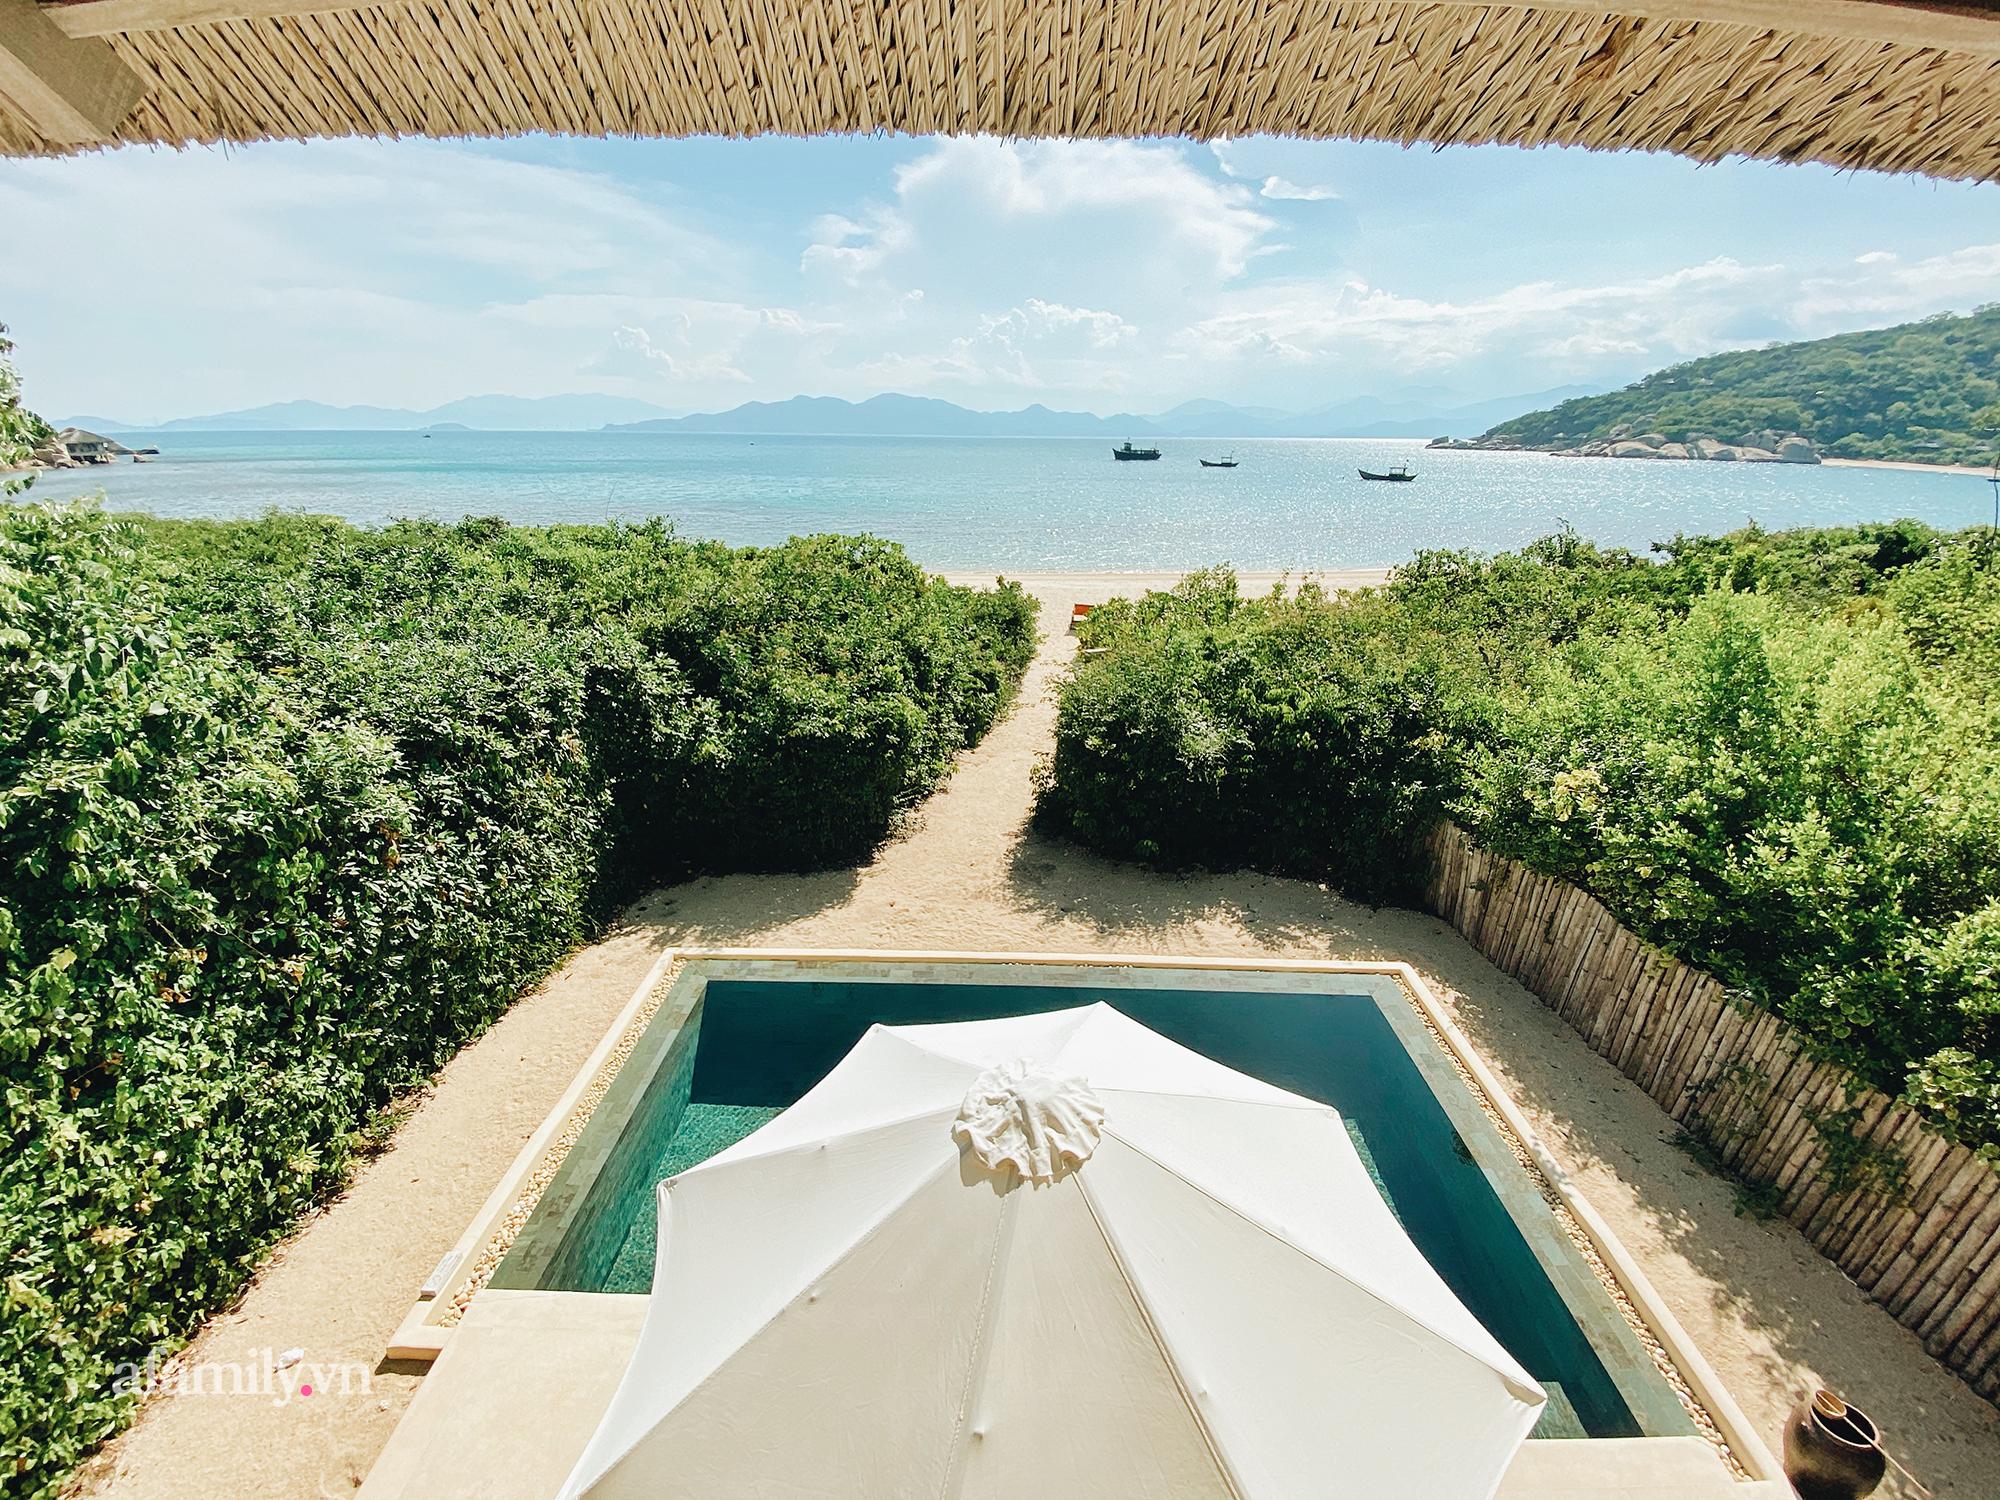 Resort nơi Hoa hậu Hà Kiều Anh đưa cả gia đình đi du lịch có gì mà đắt đỏ nhất nhì Nha Trang?  - Ảnh 3.